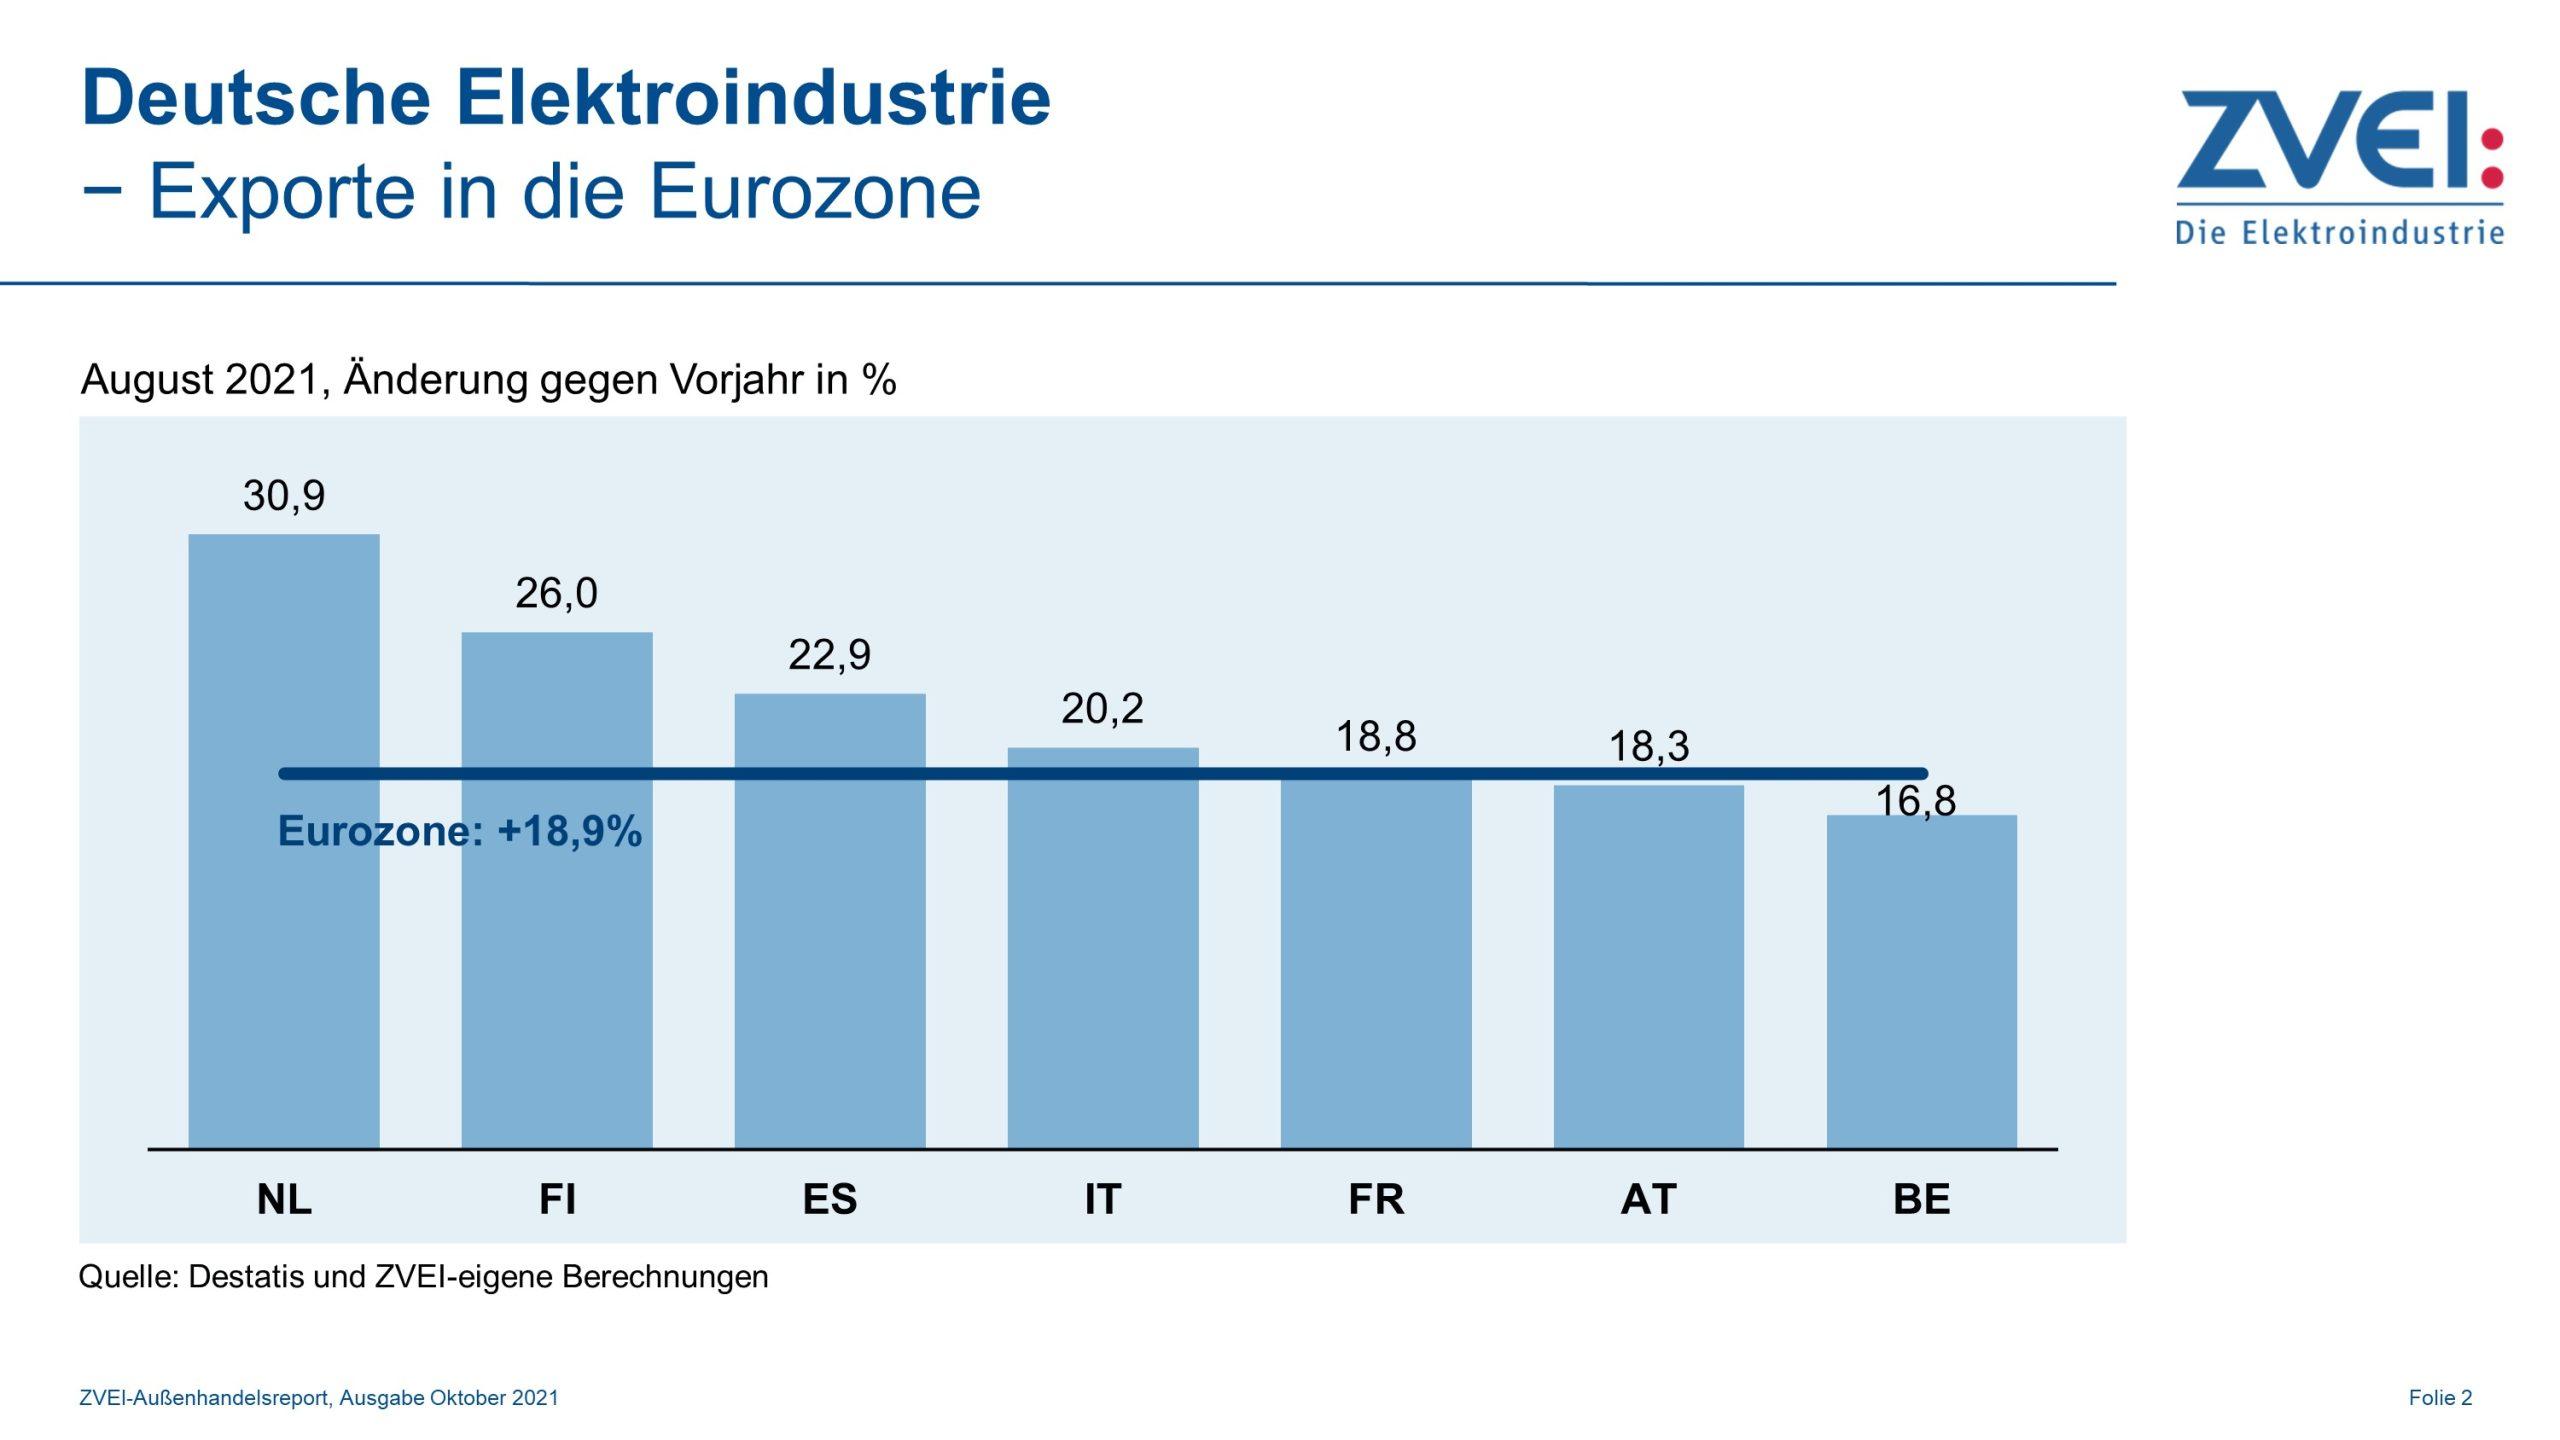 Elektroexporte in die Eurozone im August 2021